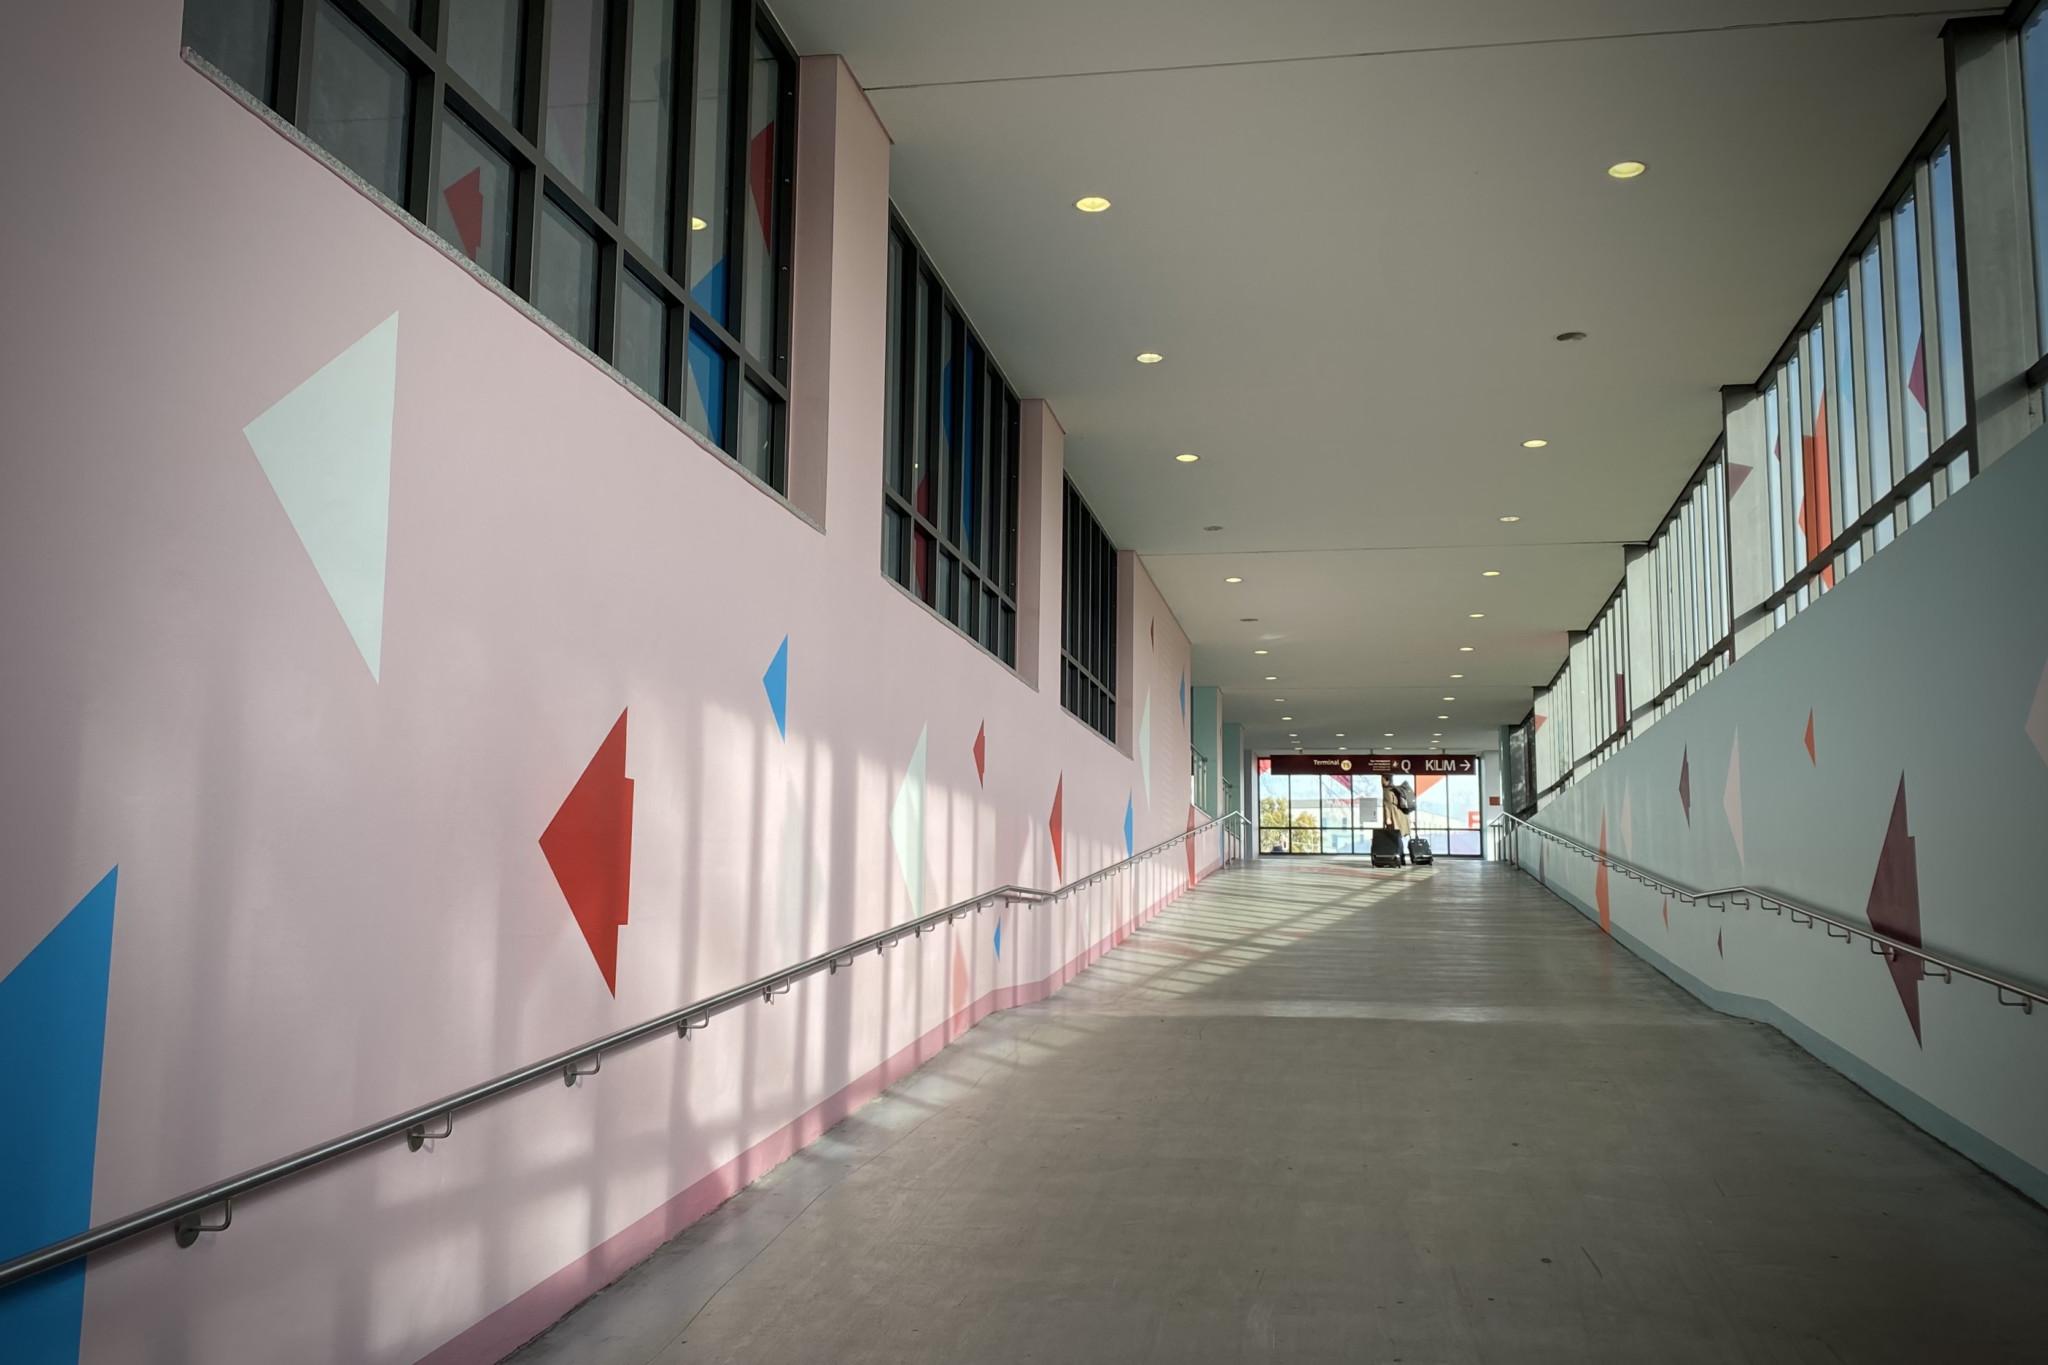 Flughafen-Anreise Flughafen Berlin Terminal 5